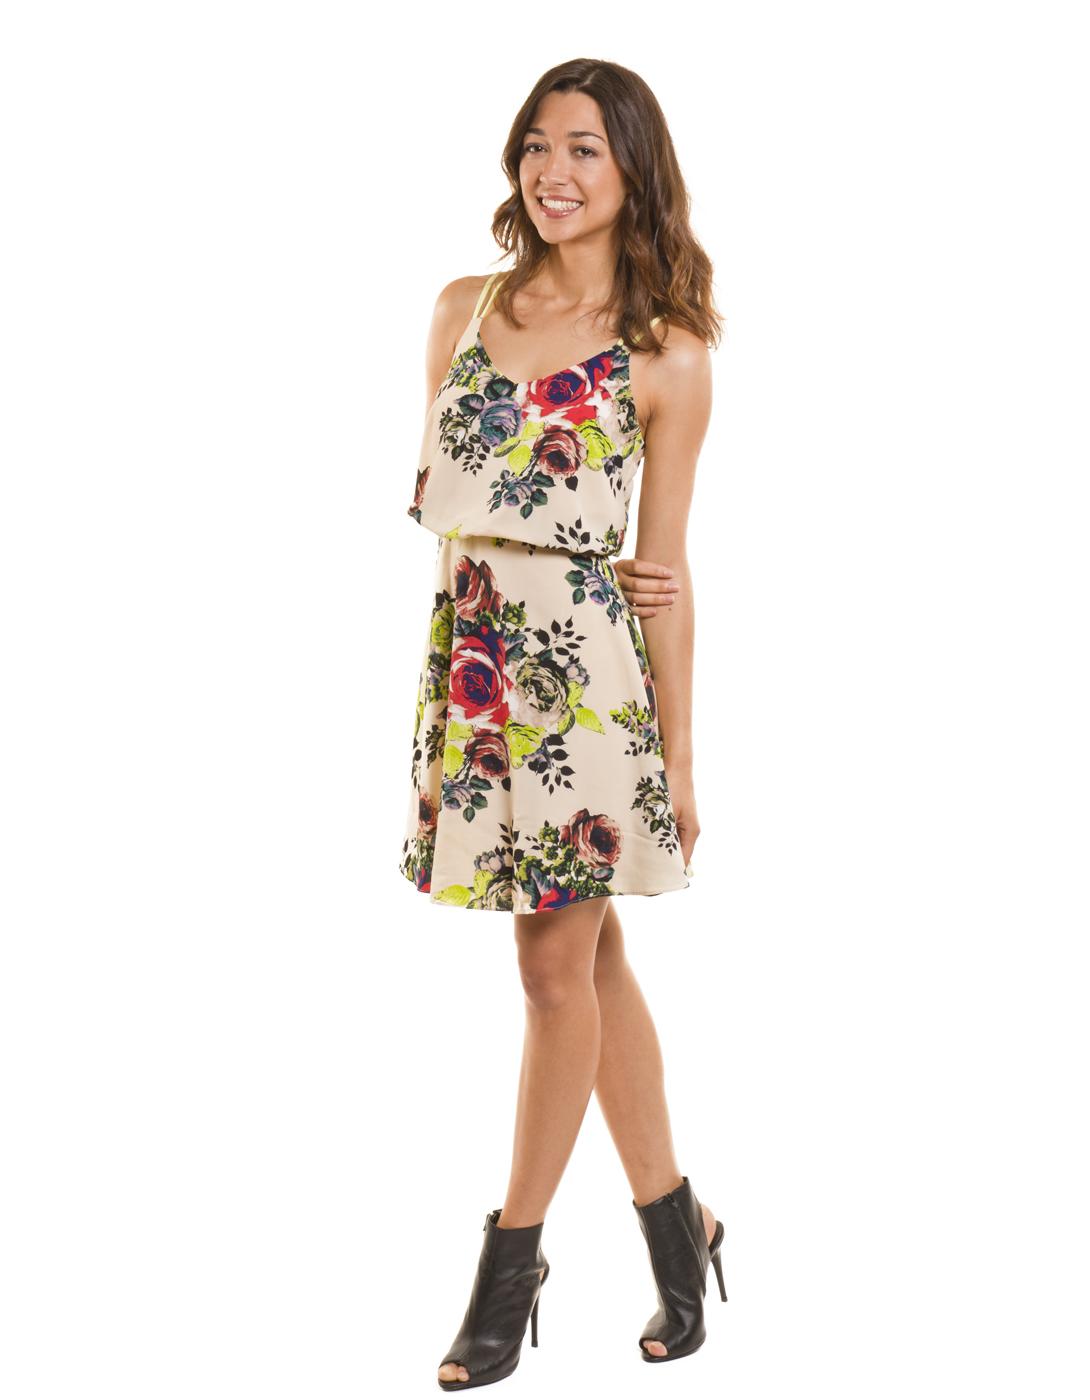 Vestido estampado floral flourish de Vila Clothes